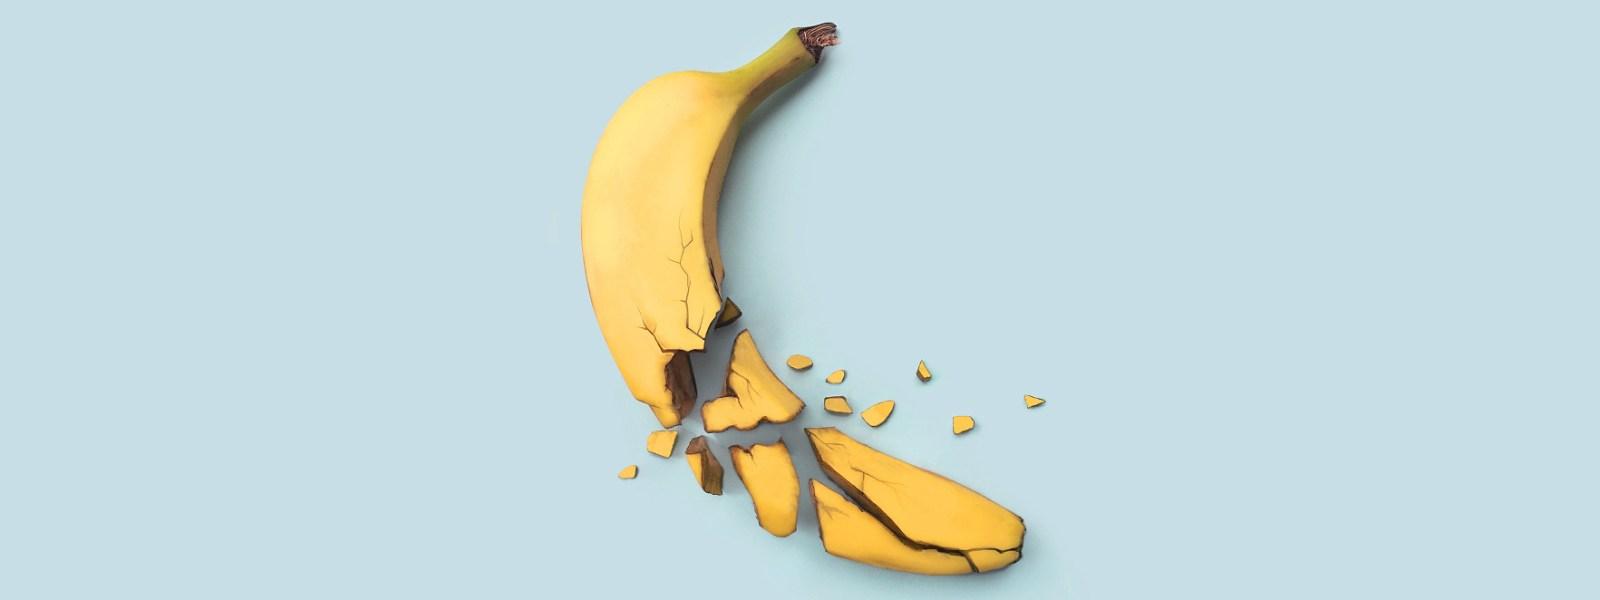 A broken banana